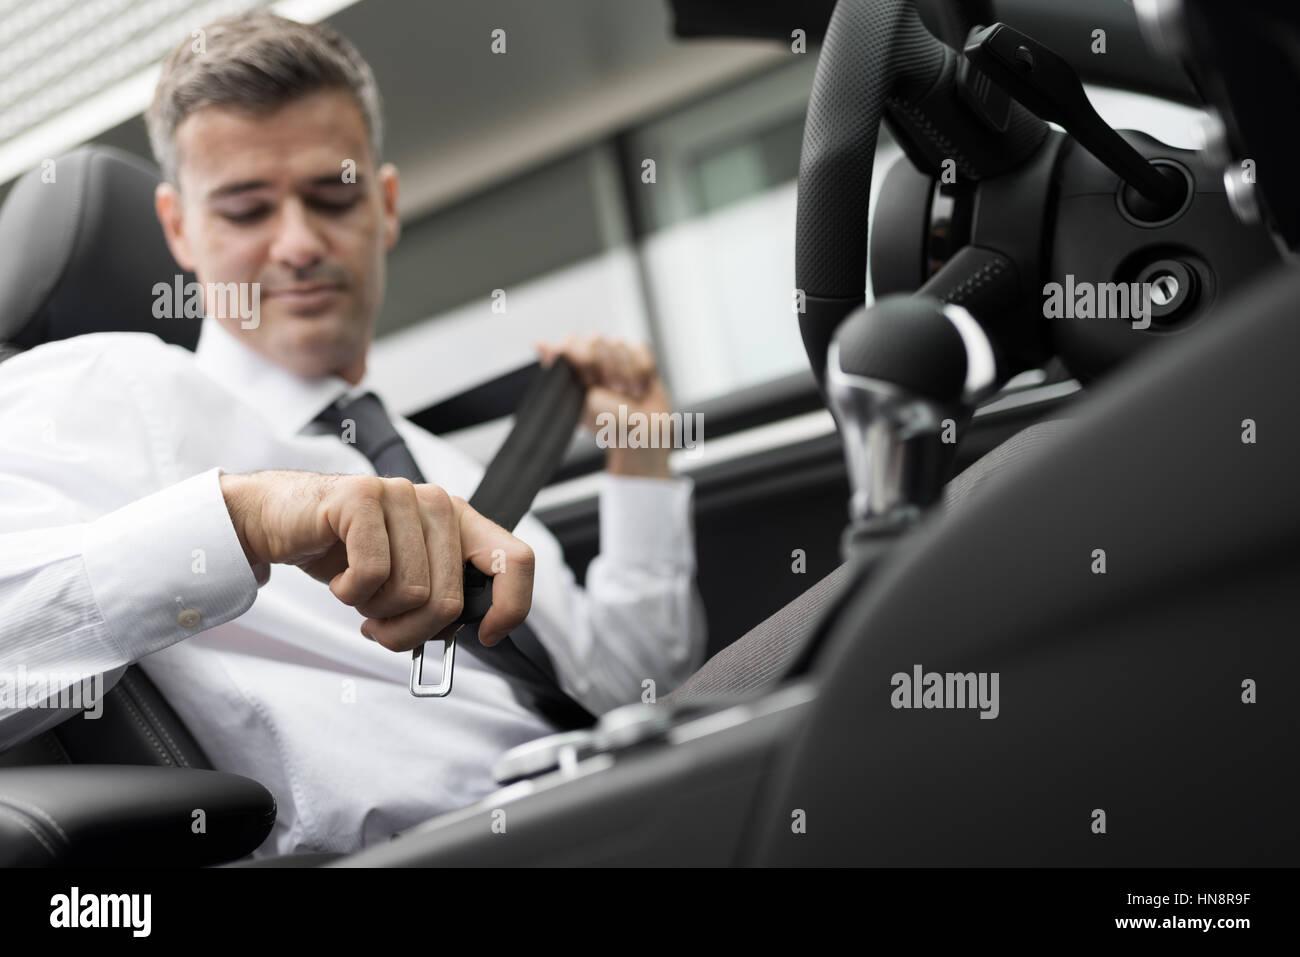 Empresario en su coche abrochar el cinturón de seguridad, el concepto de conducción segura Imagen De Stock